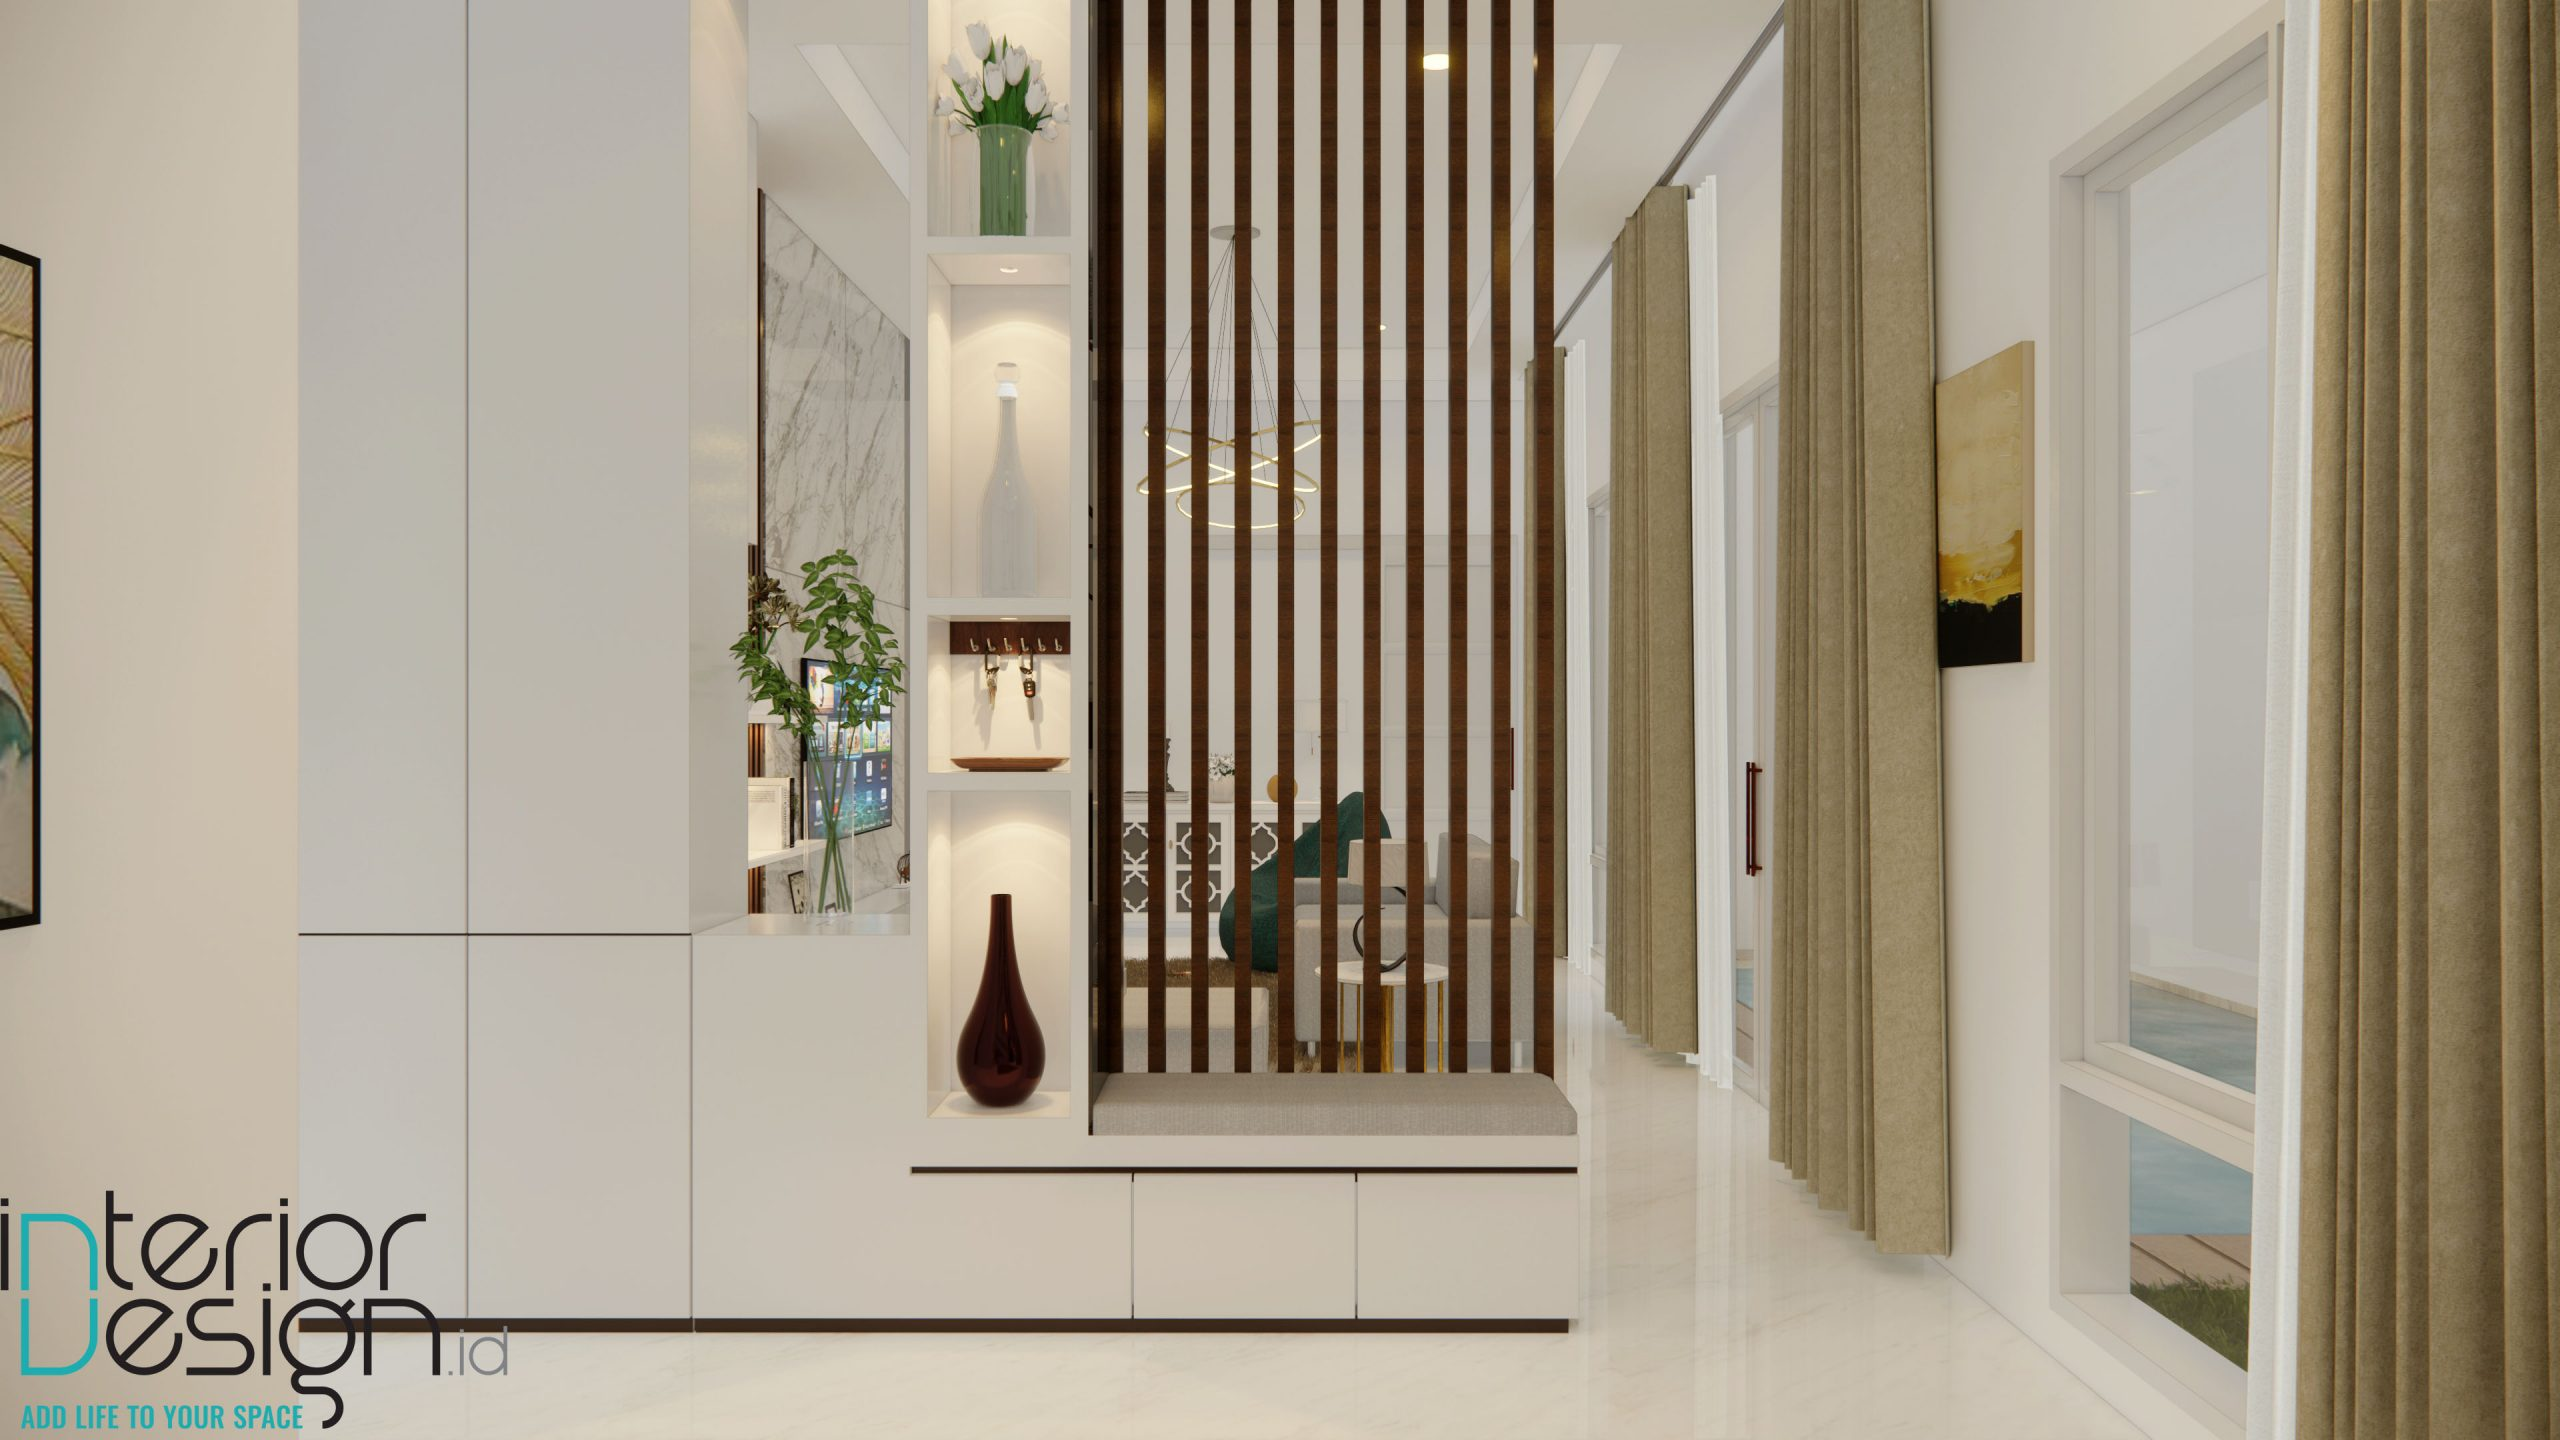 Interior rumah modern klasik